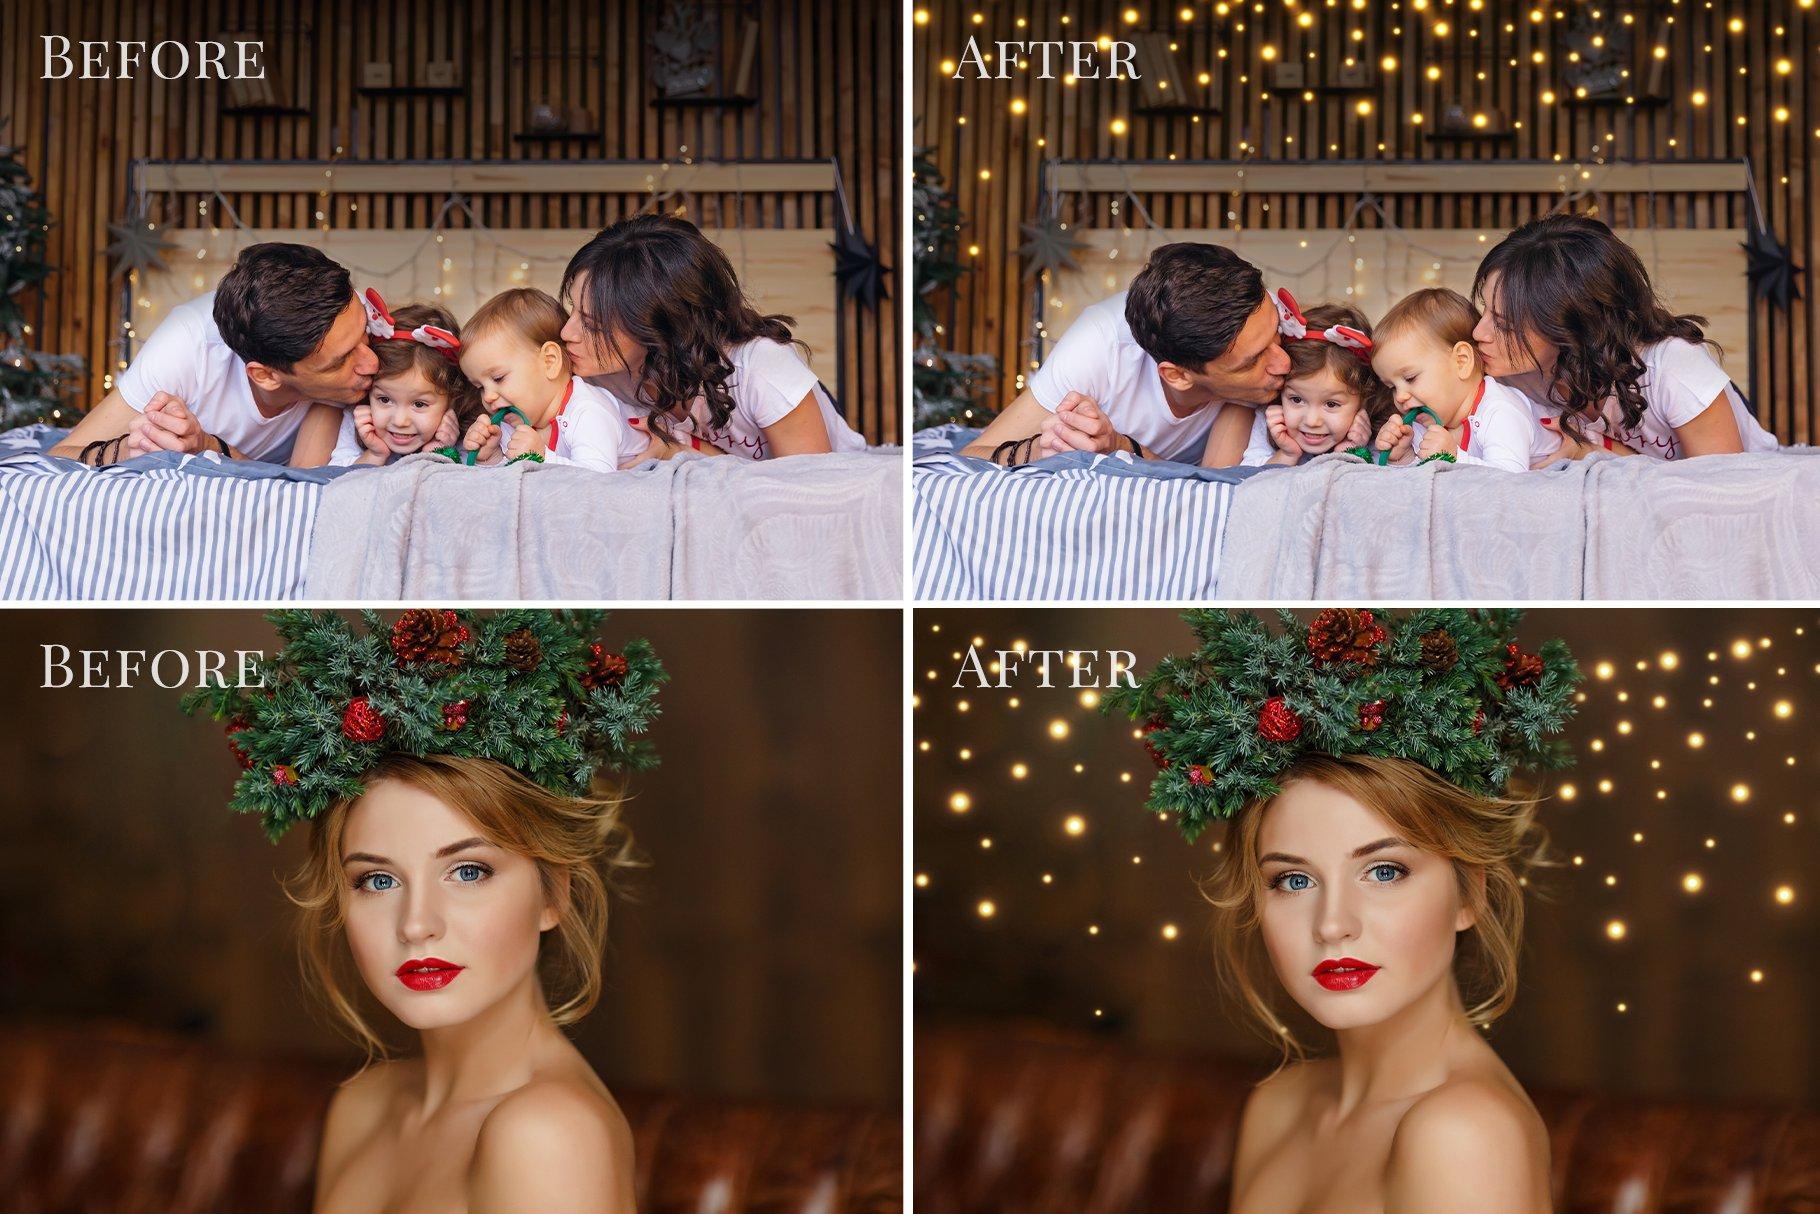 圣诞节主题金色发光星星花环叠加层图片设计素材 Christmas Garlands Photo Overlays插图3